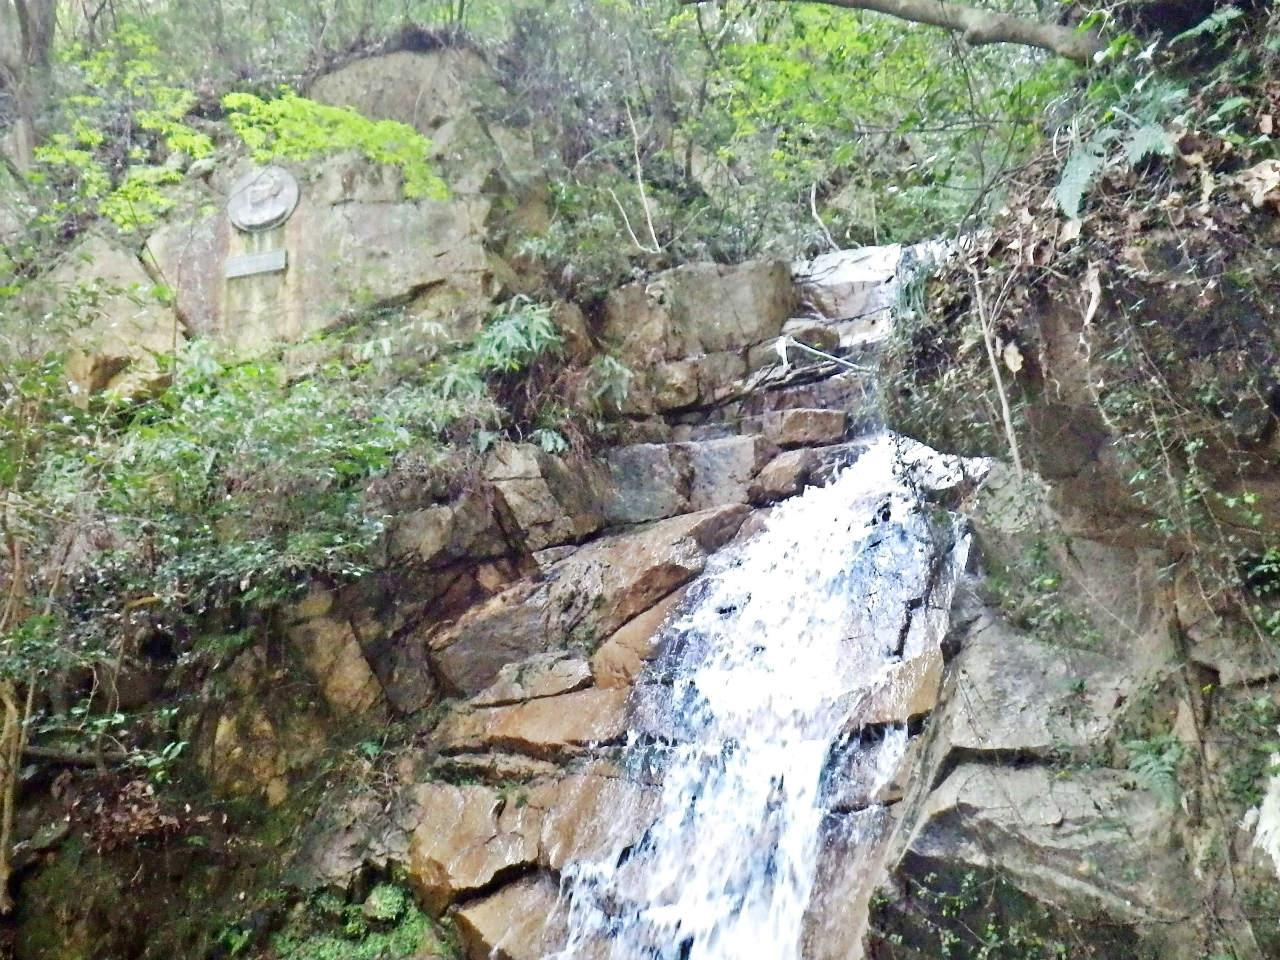 22a 滝の左上にレリーフ